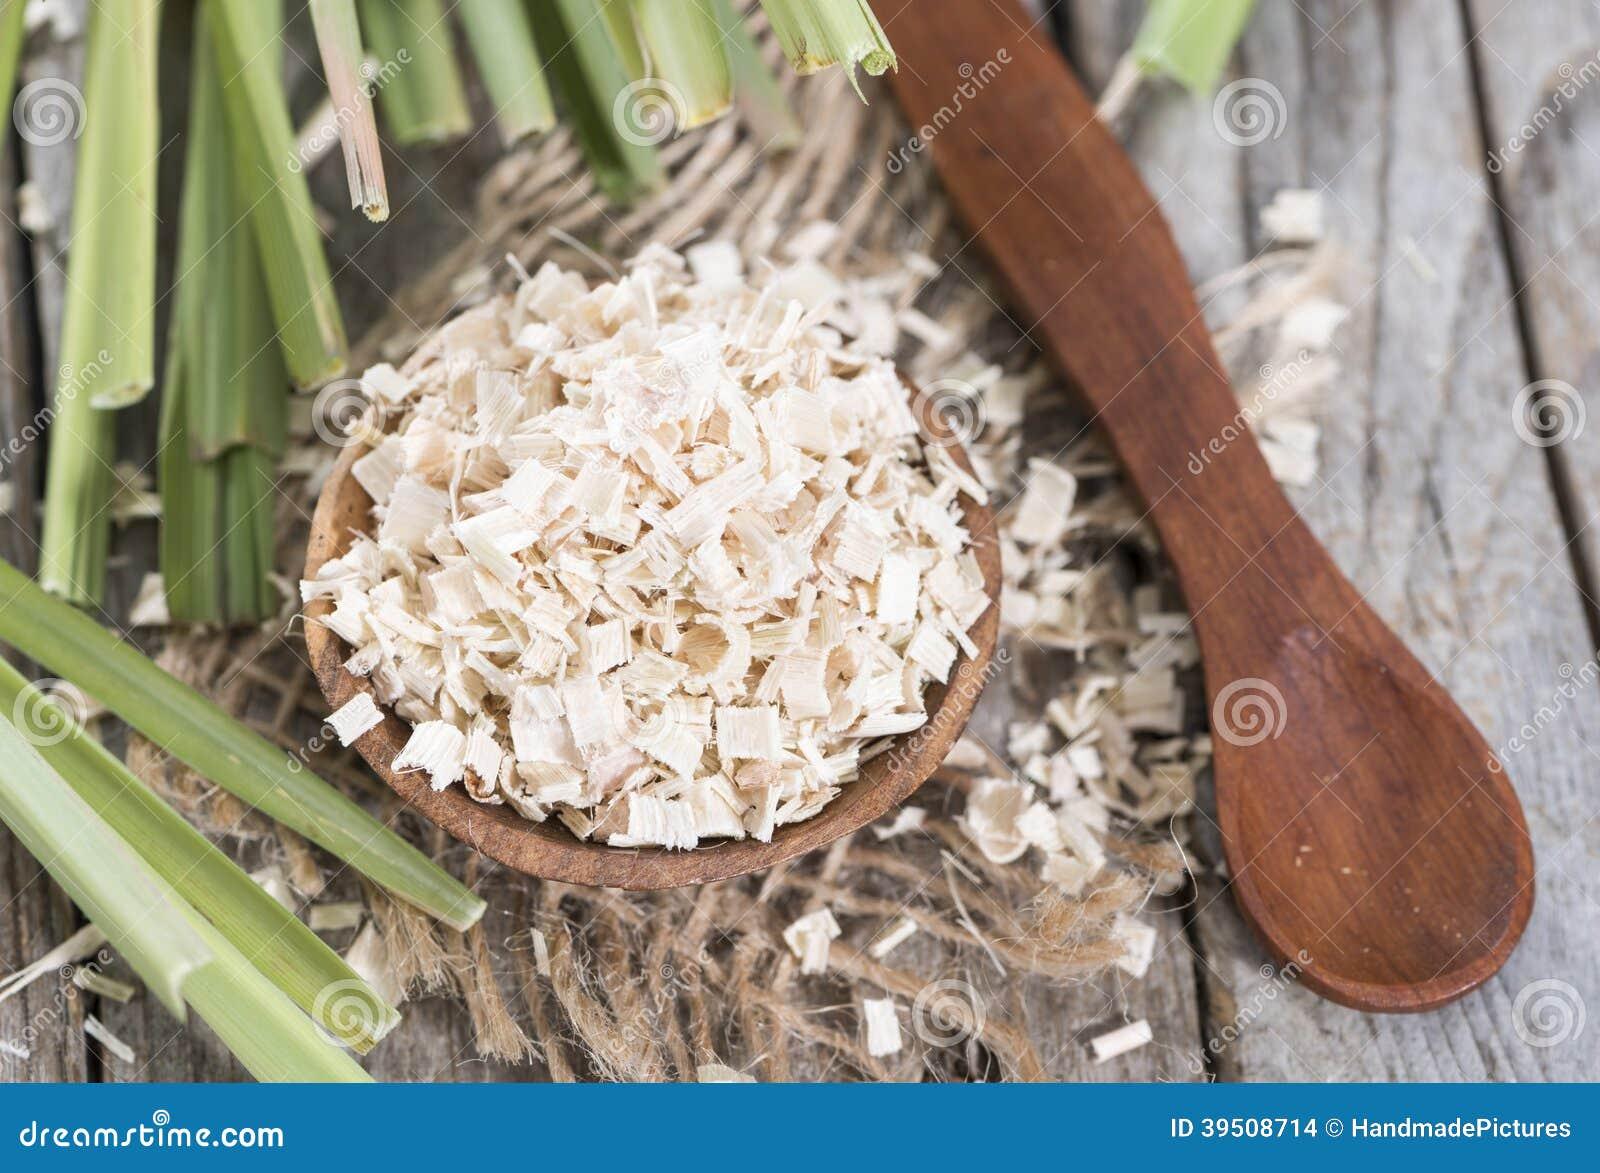 Parcela de nardo secado